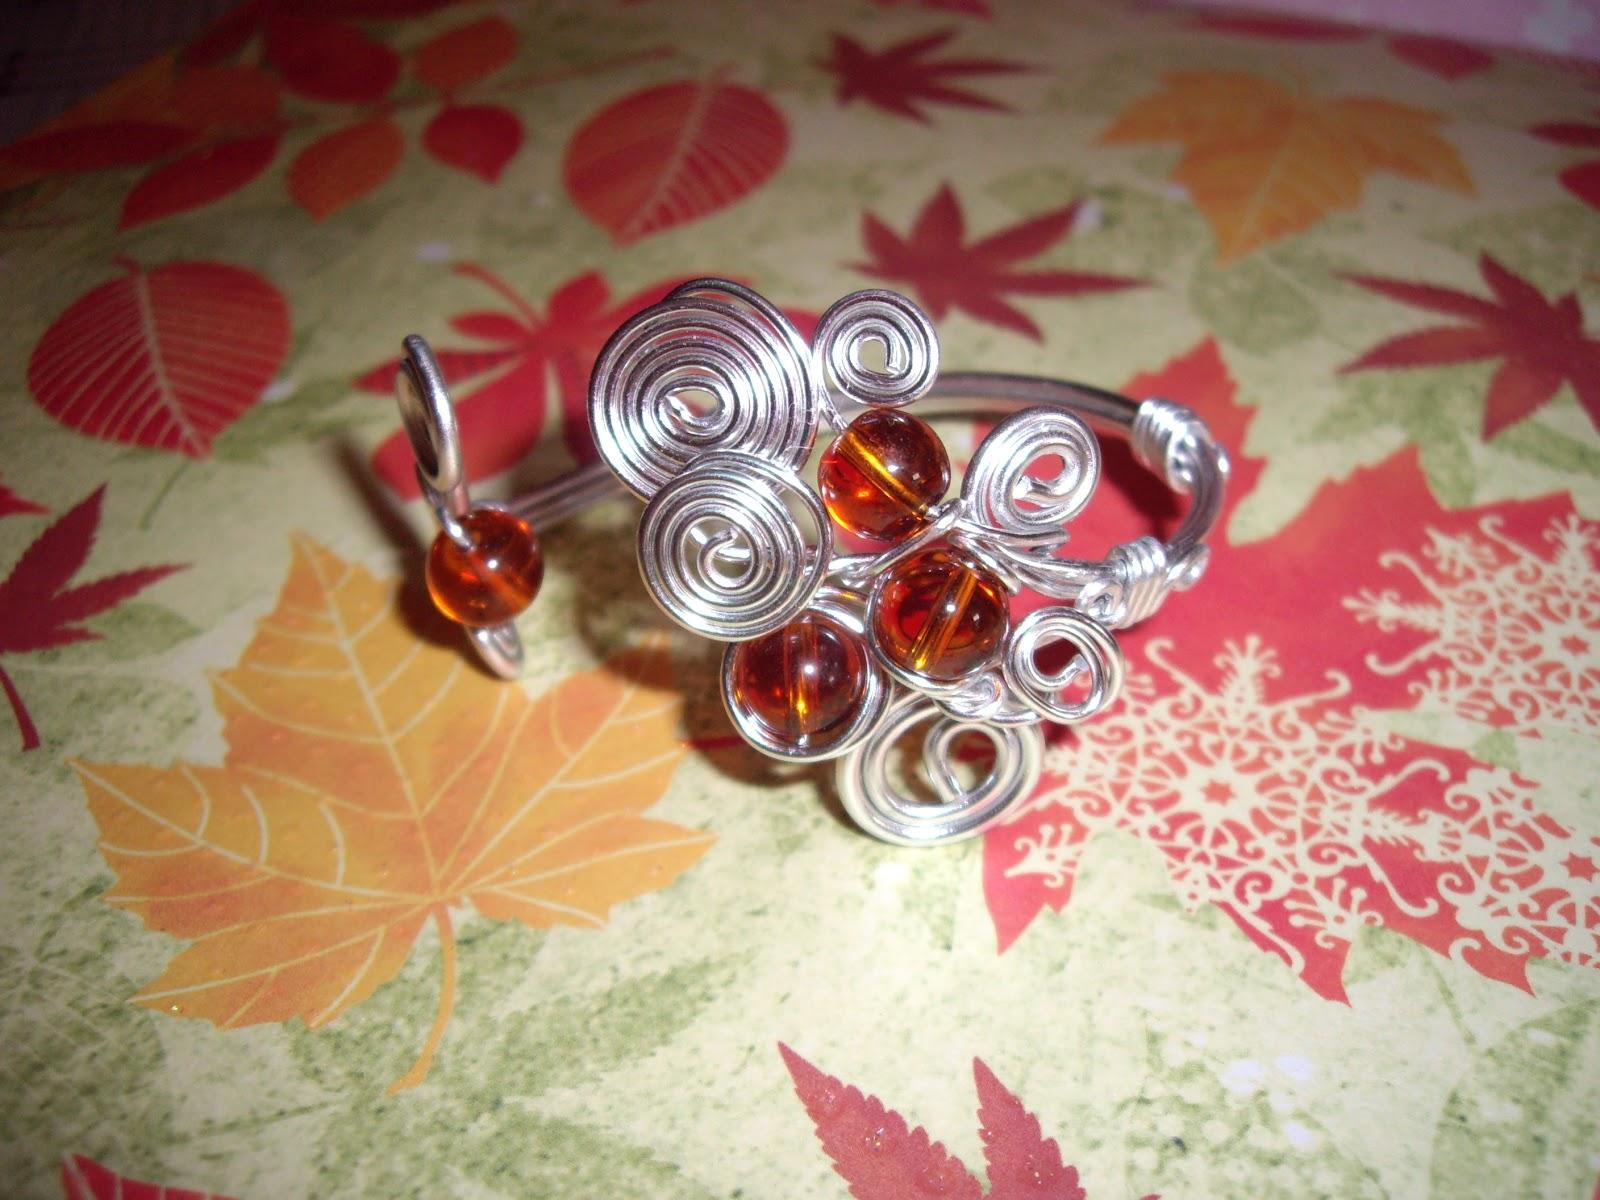 25460aa97d05 Pulsera realizada en hilo mágico (aluminio) color plata con cuentas de  cristal color ambar. la pulsera es tipo brazalete y se adapta al contorno  de la ...